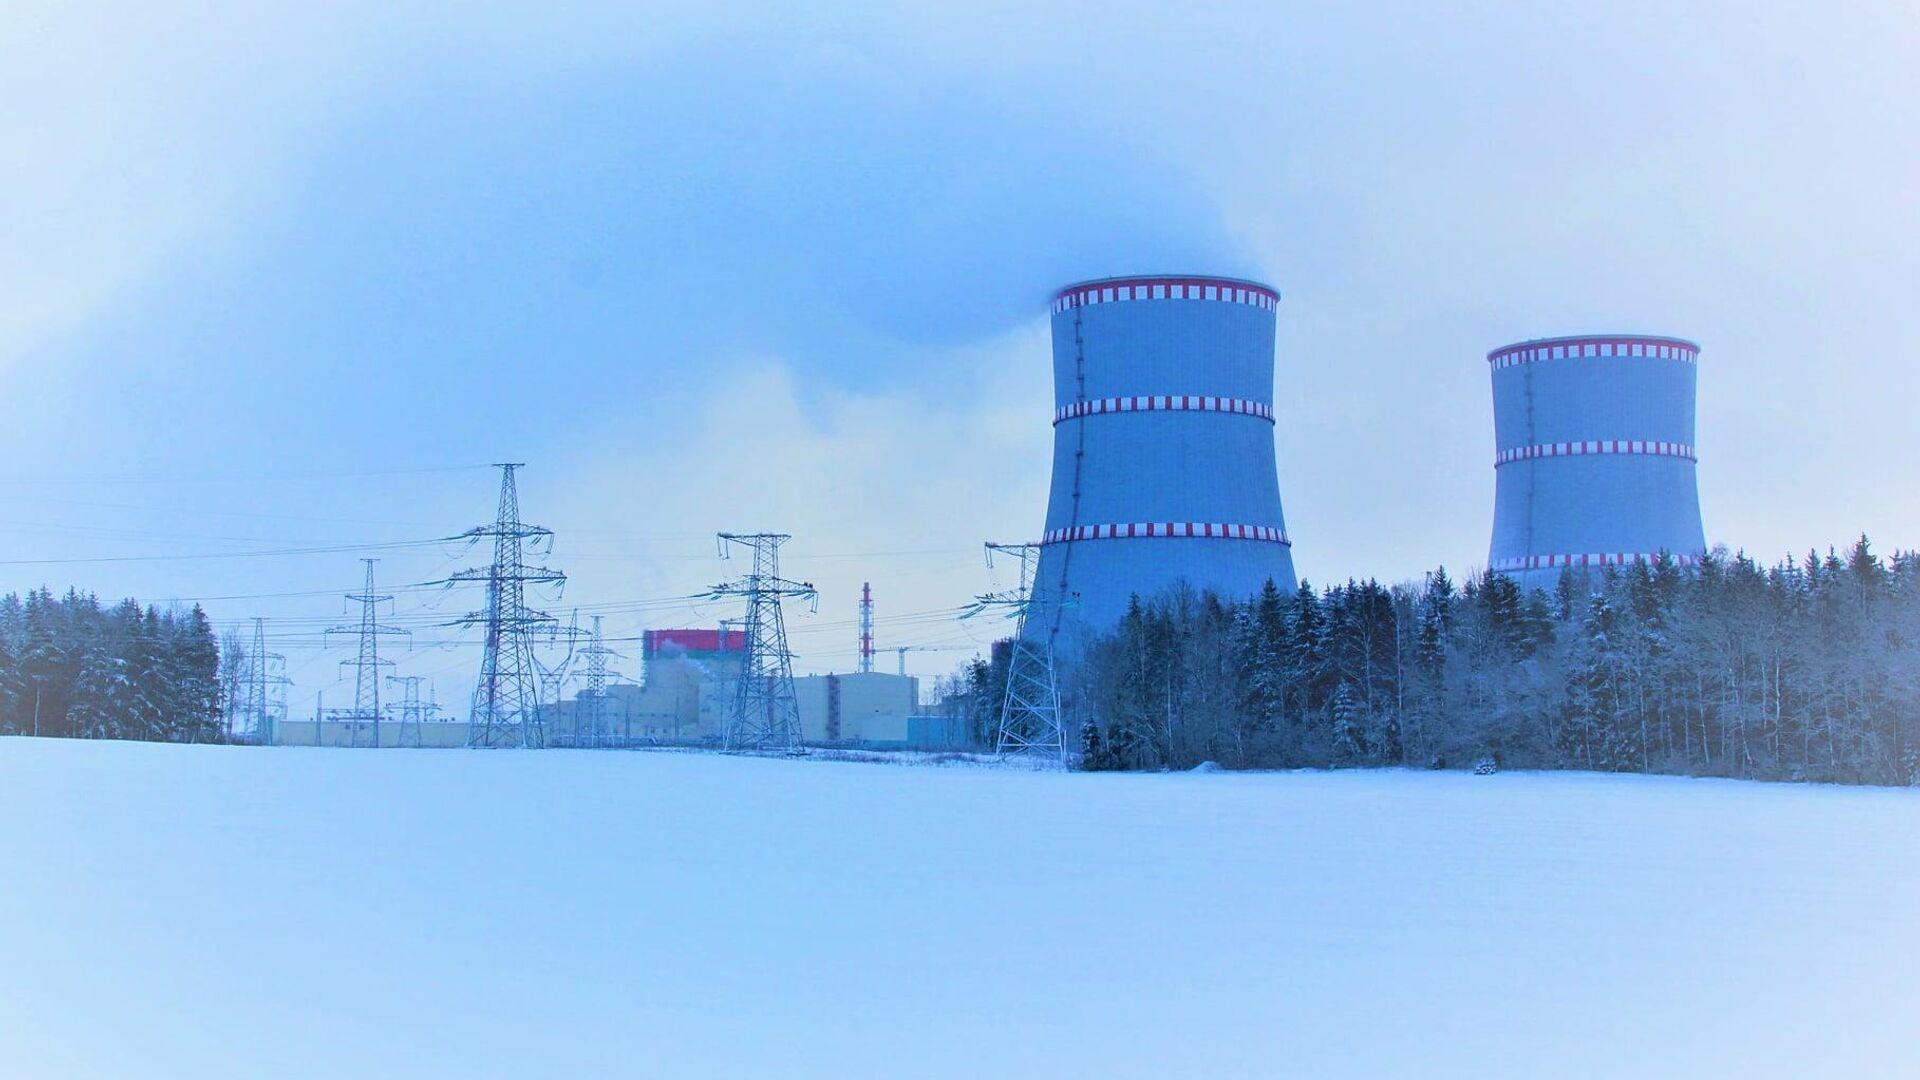 Белорусская АЭС - РИА Новости, 1920, 08.03.2021